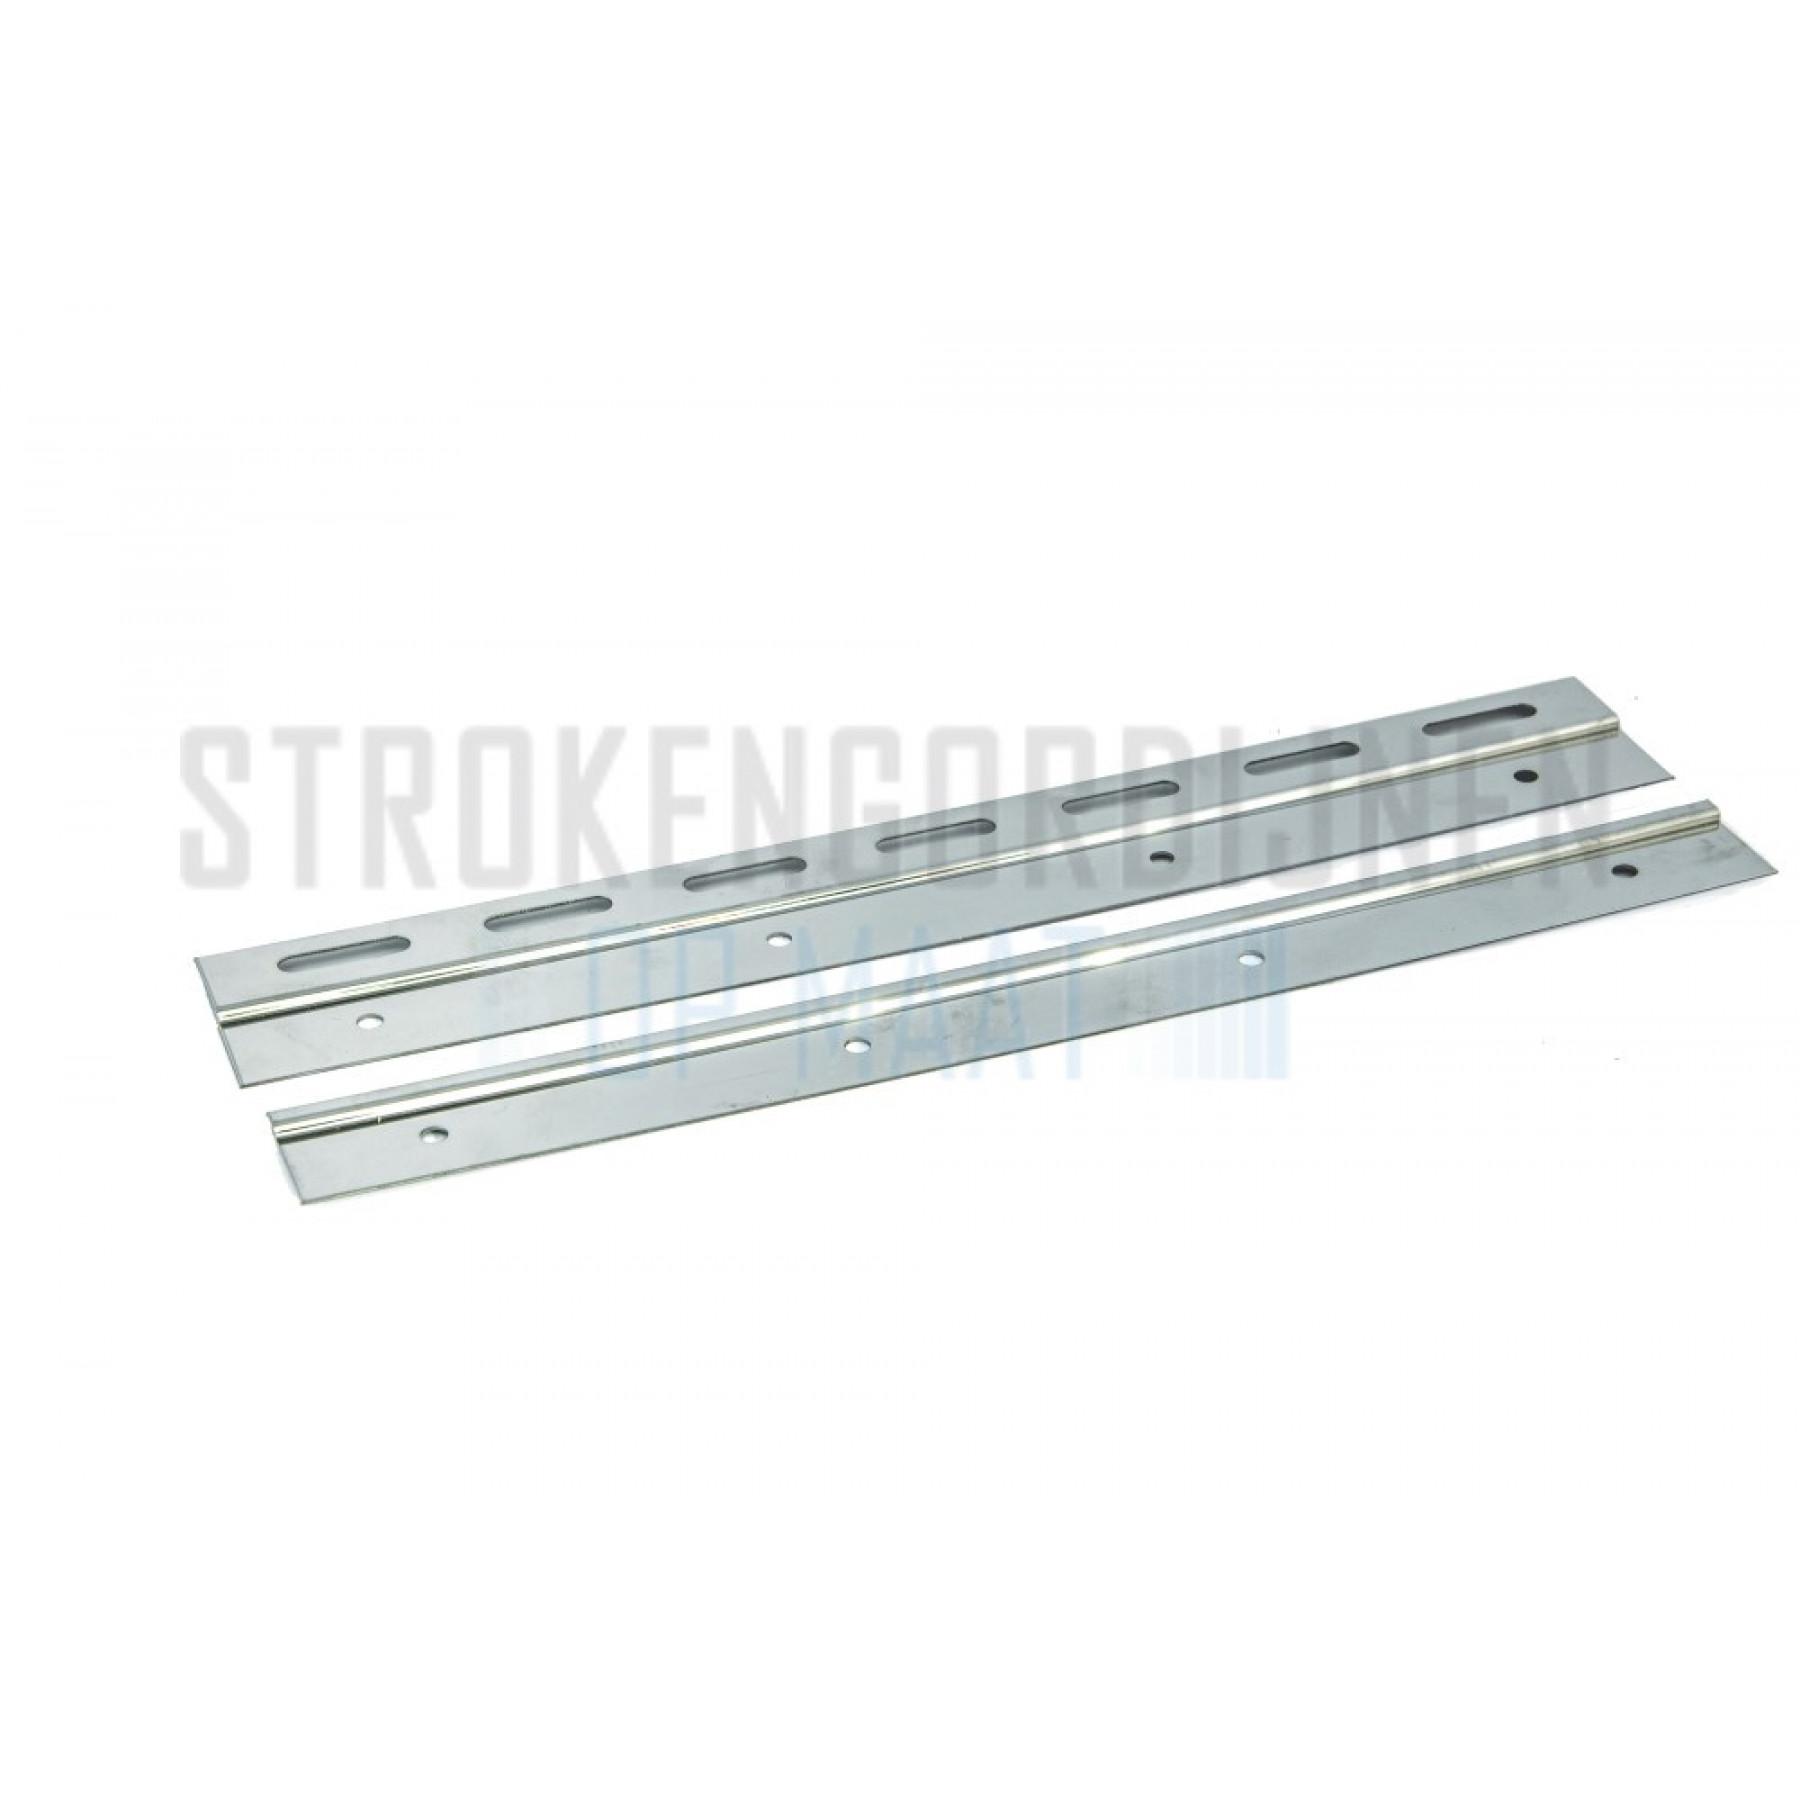 Klemmleiste für Streifen, 300mm breit, Rostfrei-Stahl